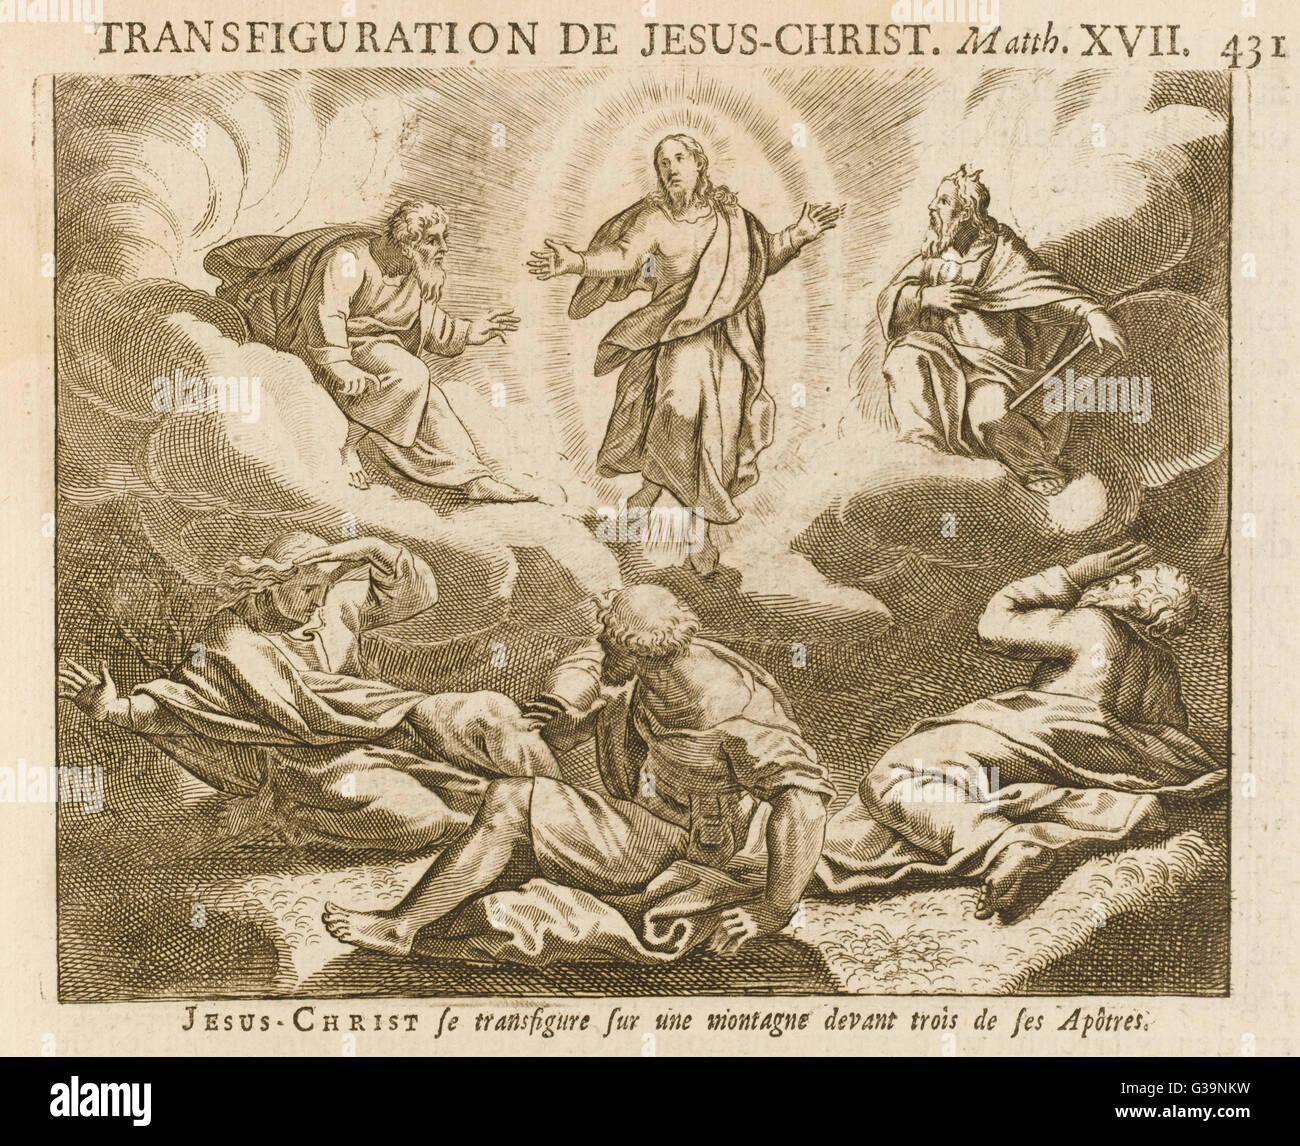 Él es transfigurado, ante la sorpresa de sus compañeros Imagen De Stock